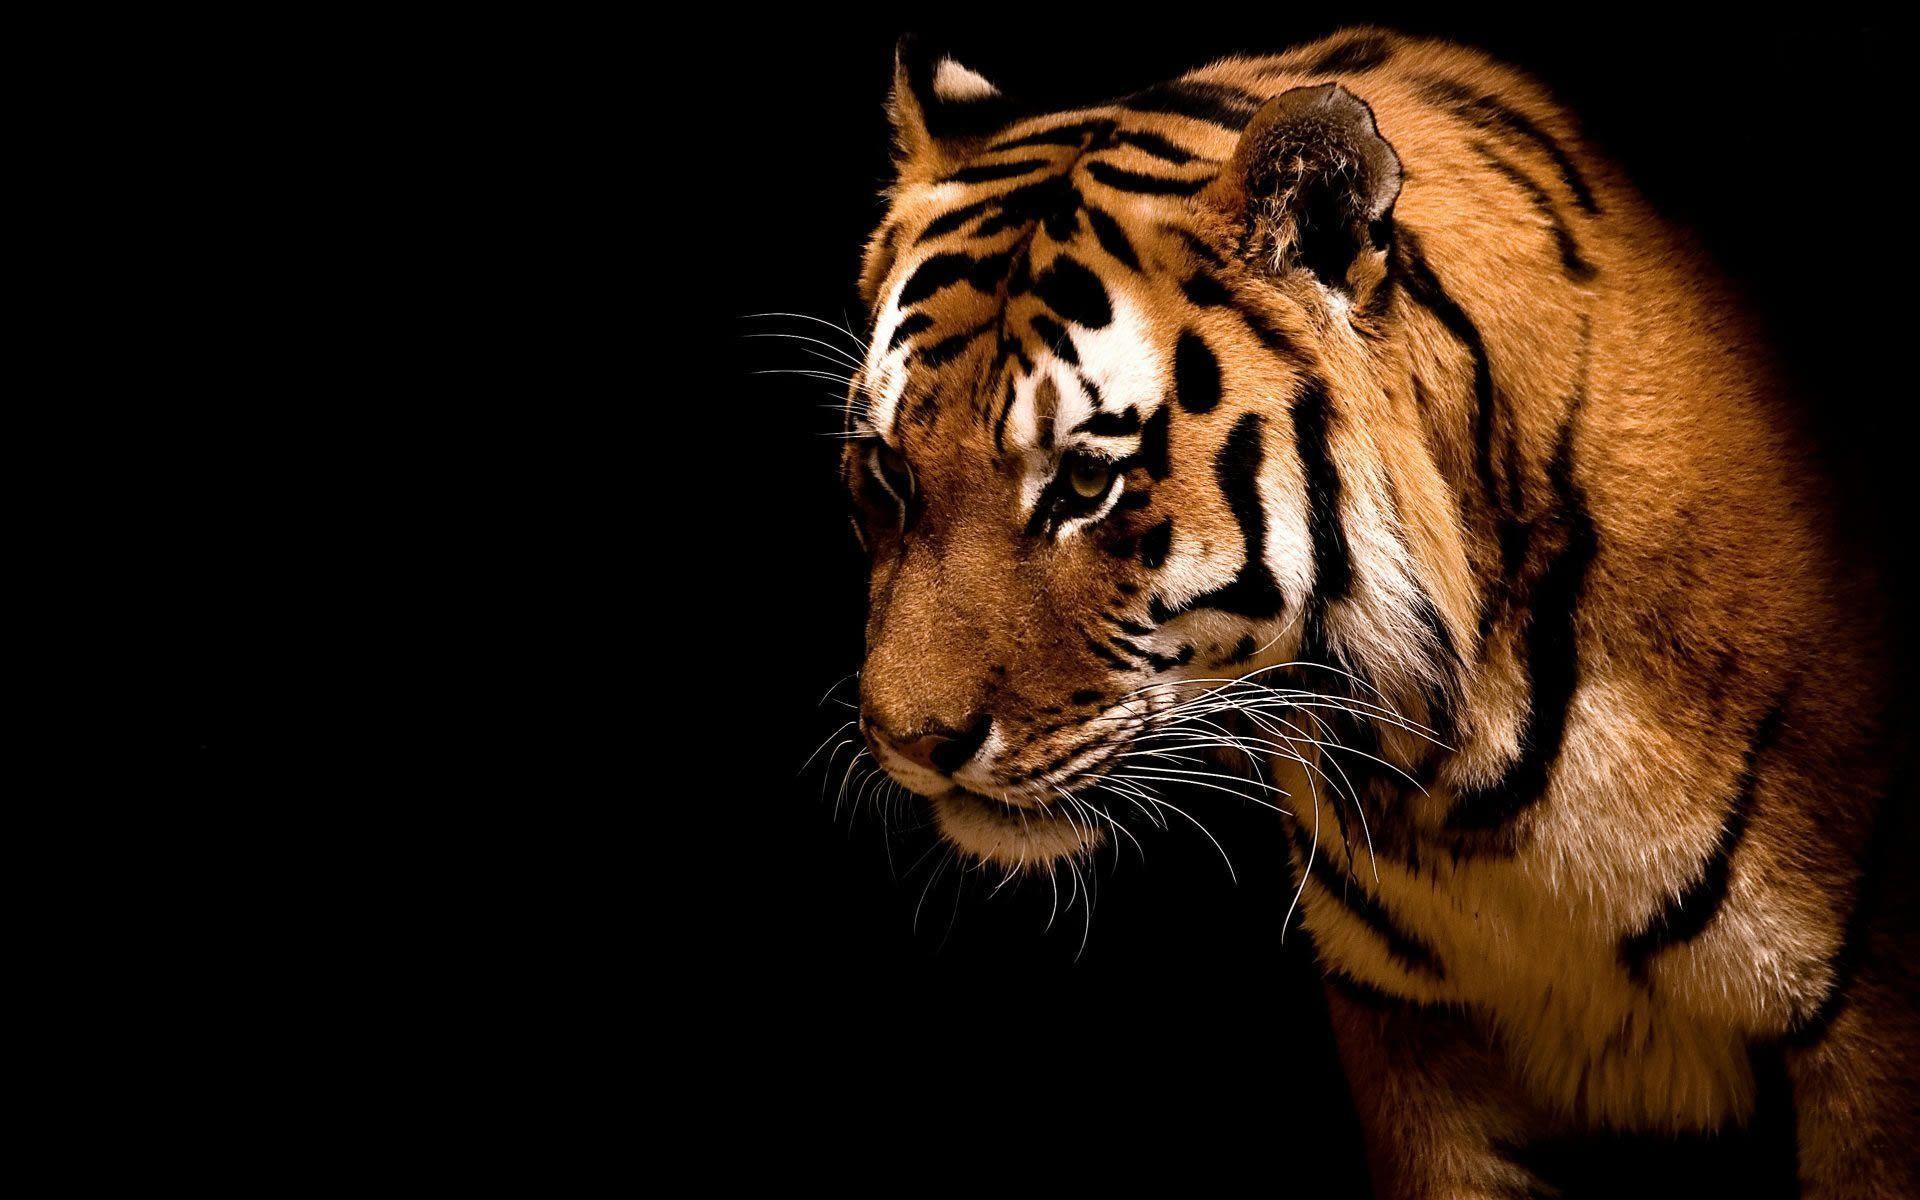 Hd Computer Animal Wallpaper Tiger Hd Desktop Wallpaper Animacao Digital Tudo Sobre Peixes Animais